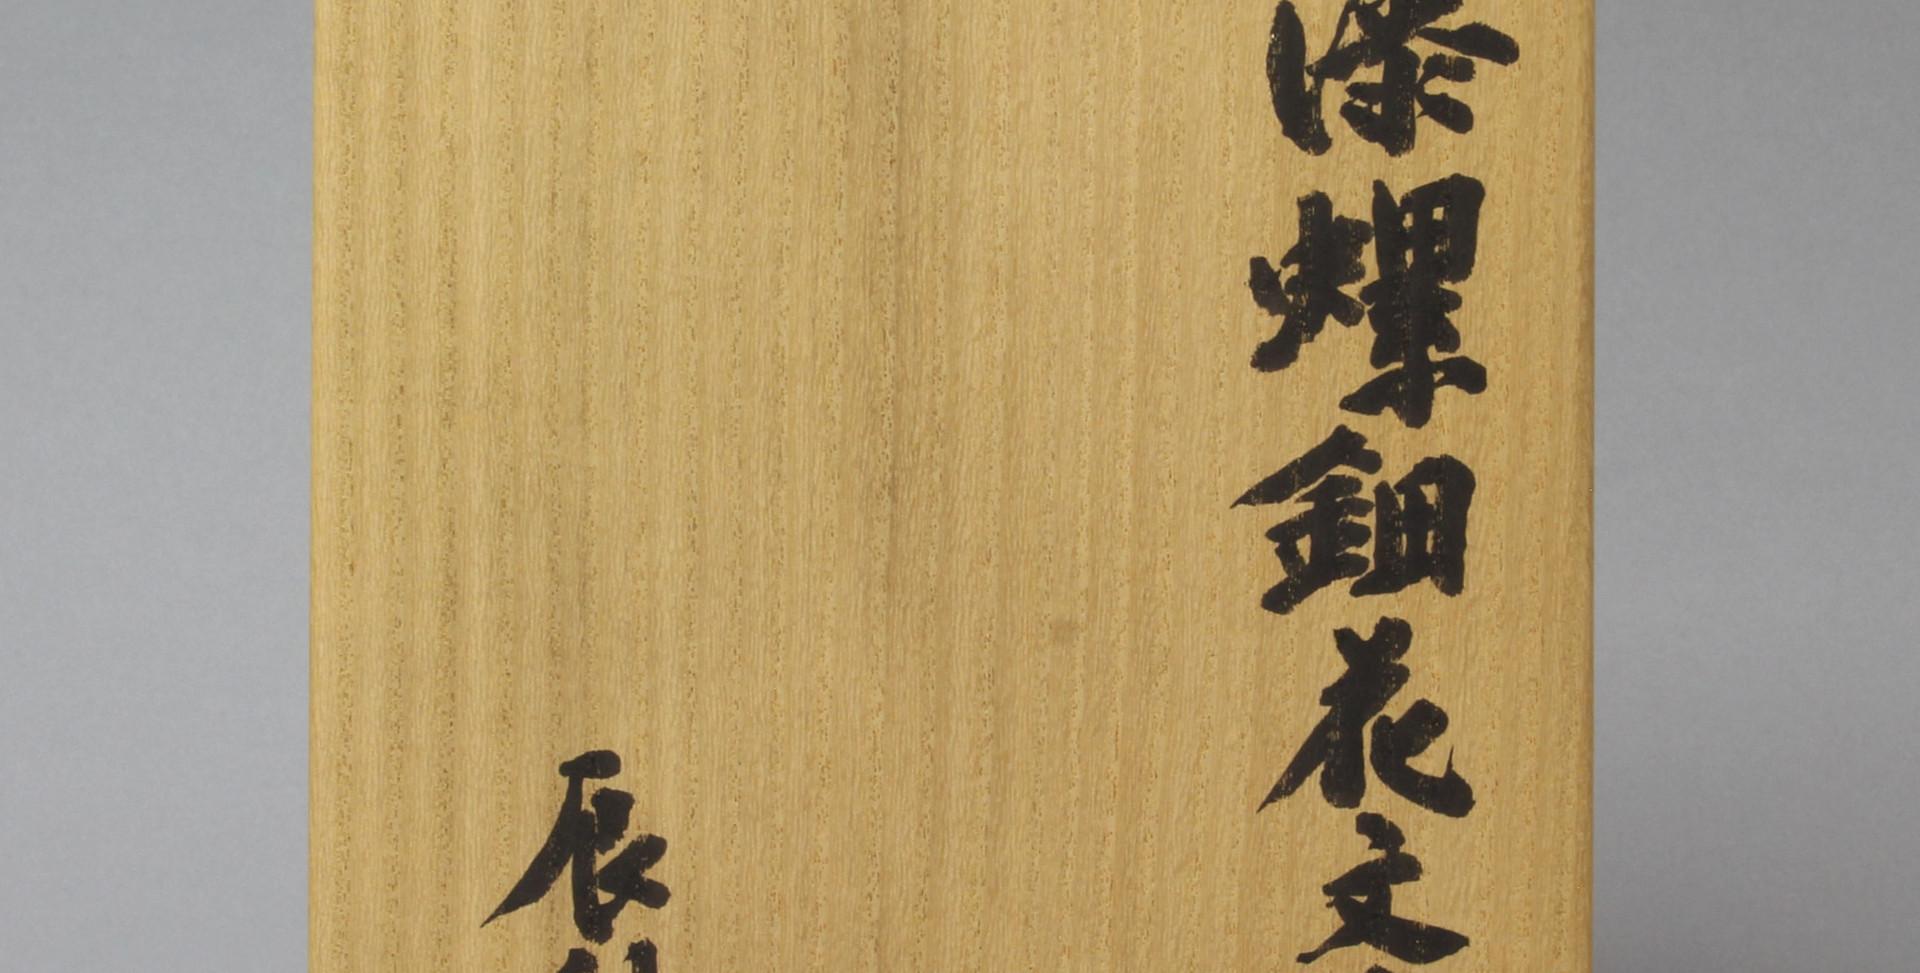 012_黒田辰秋_Kuroda Tatsuaki_朱漆螺鈿花文手筥_008.JP